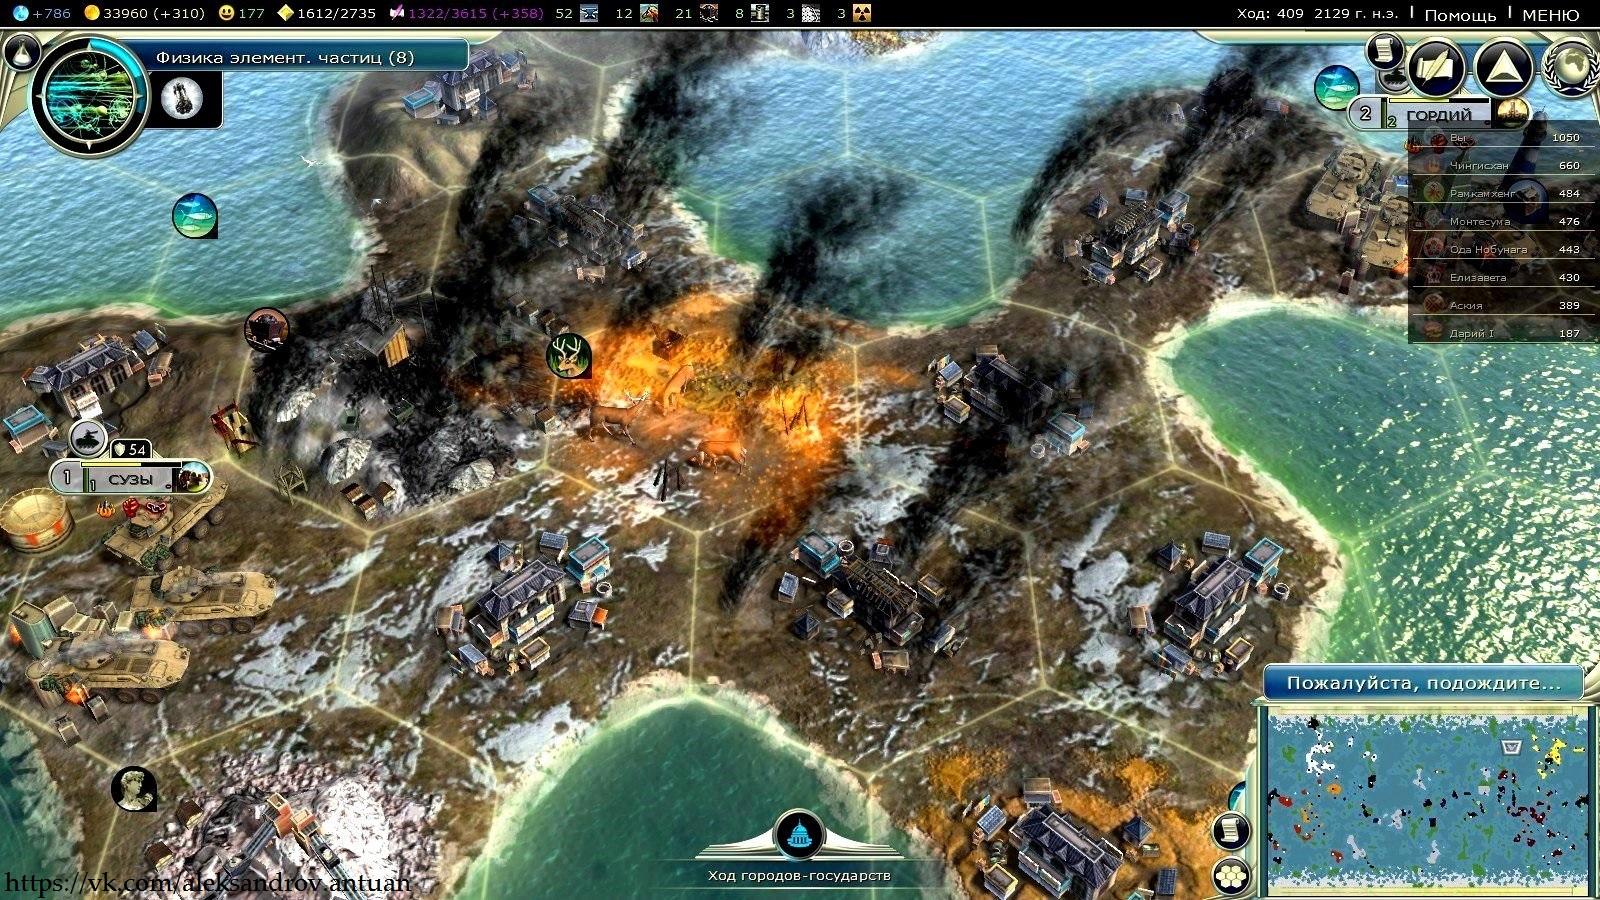 Последствия атомной бомбардировки. - Sid Meier's Civilization 5 Атомная бомба, мотопехота, островки